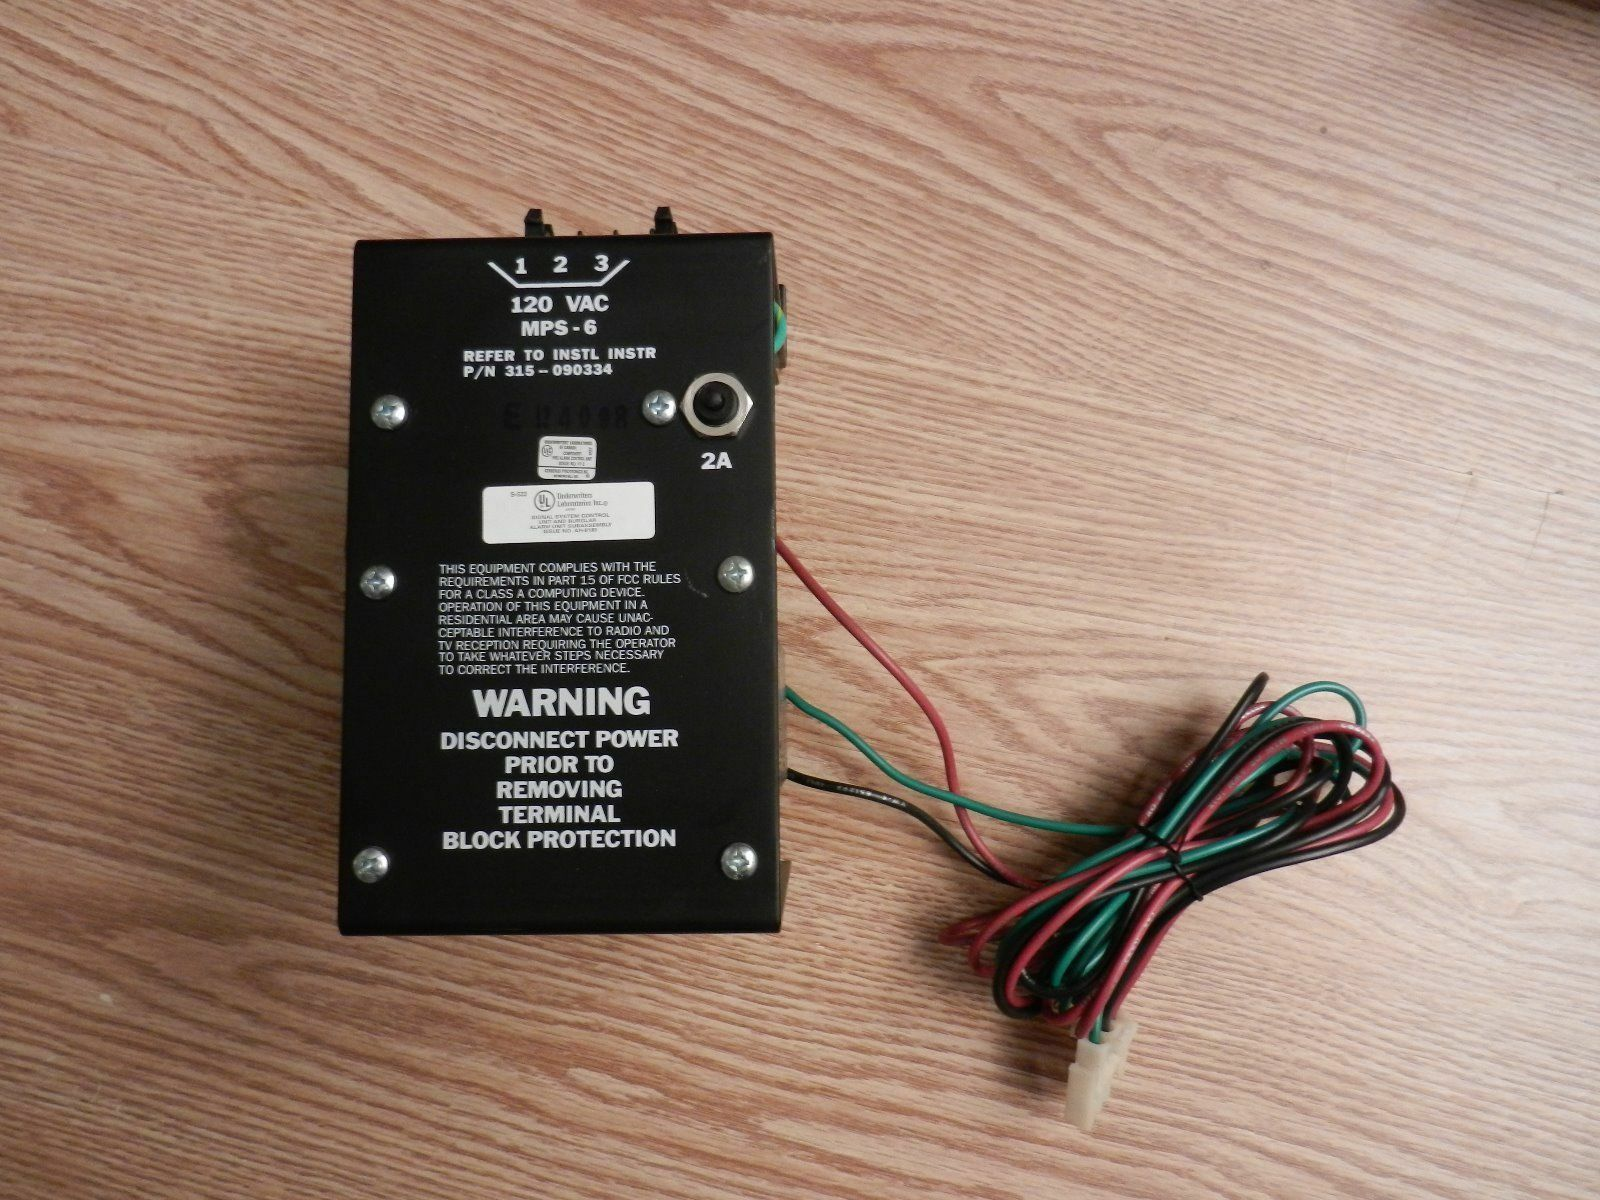 item 5 SIEMENS / CERBERUS PYROTRONICS MXL MPS-6 POWER SUPPLY 24VDC 6.5 AMP  315-090334 -SIEMENS / CERBERUS PYROTRONICS MXL MPS-6 POWER SUPPLY 24VDC 6.5  AMP ...